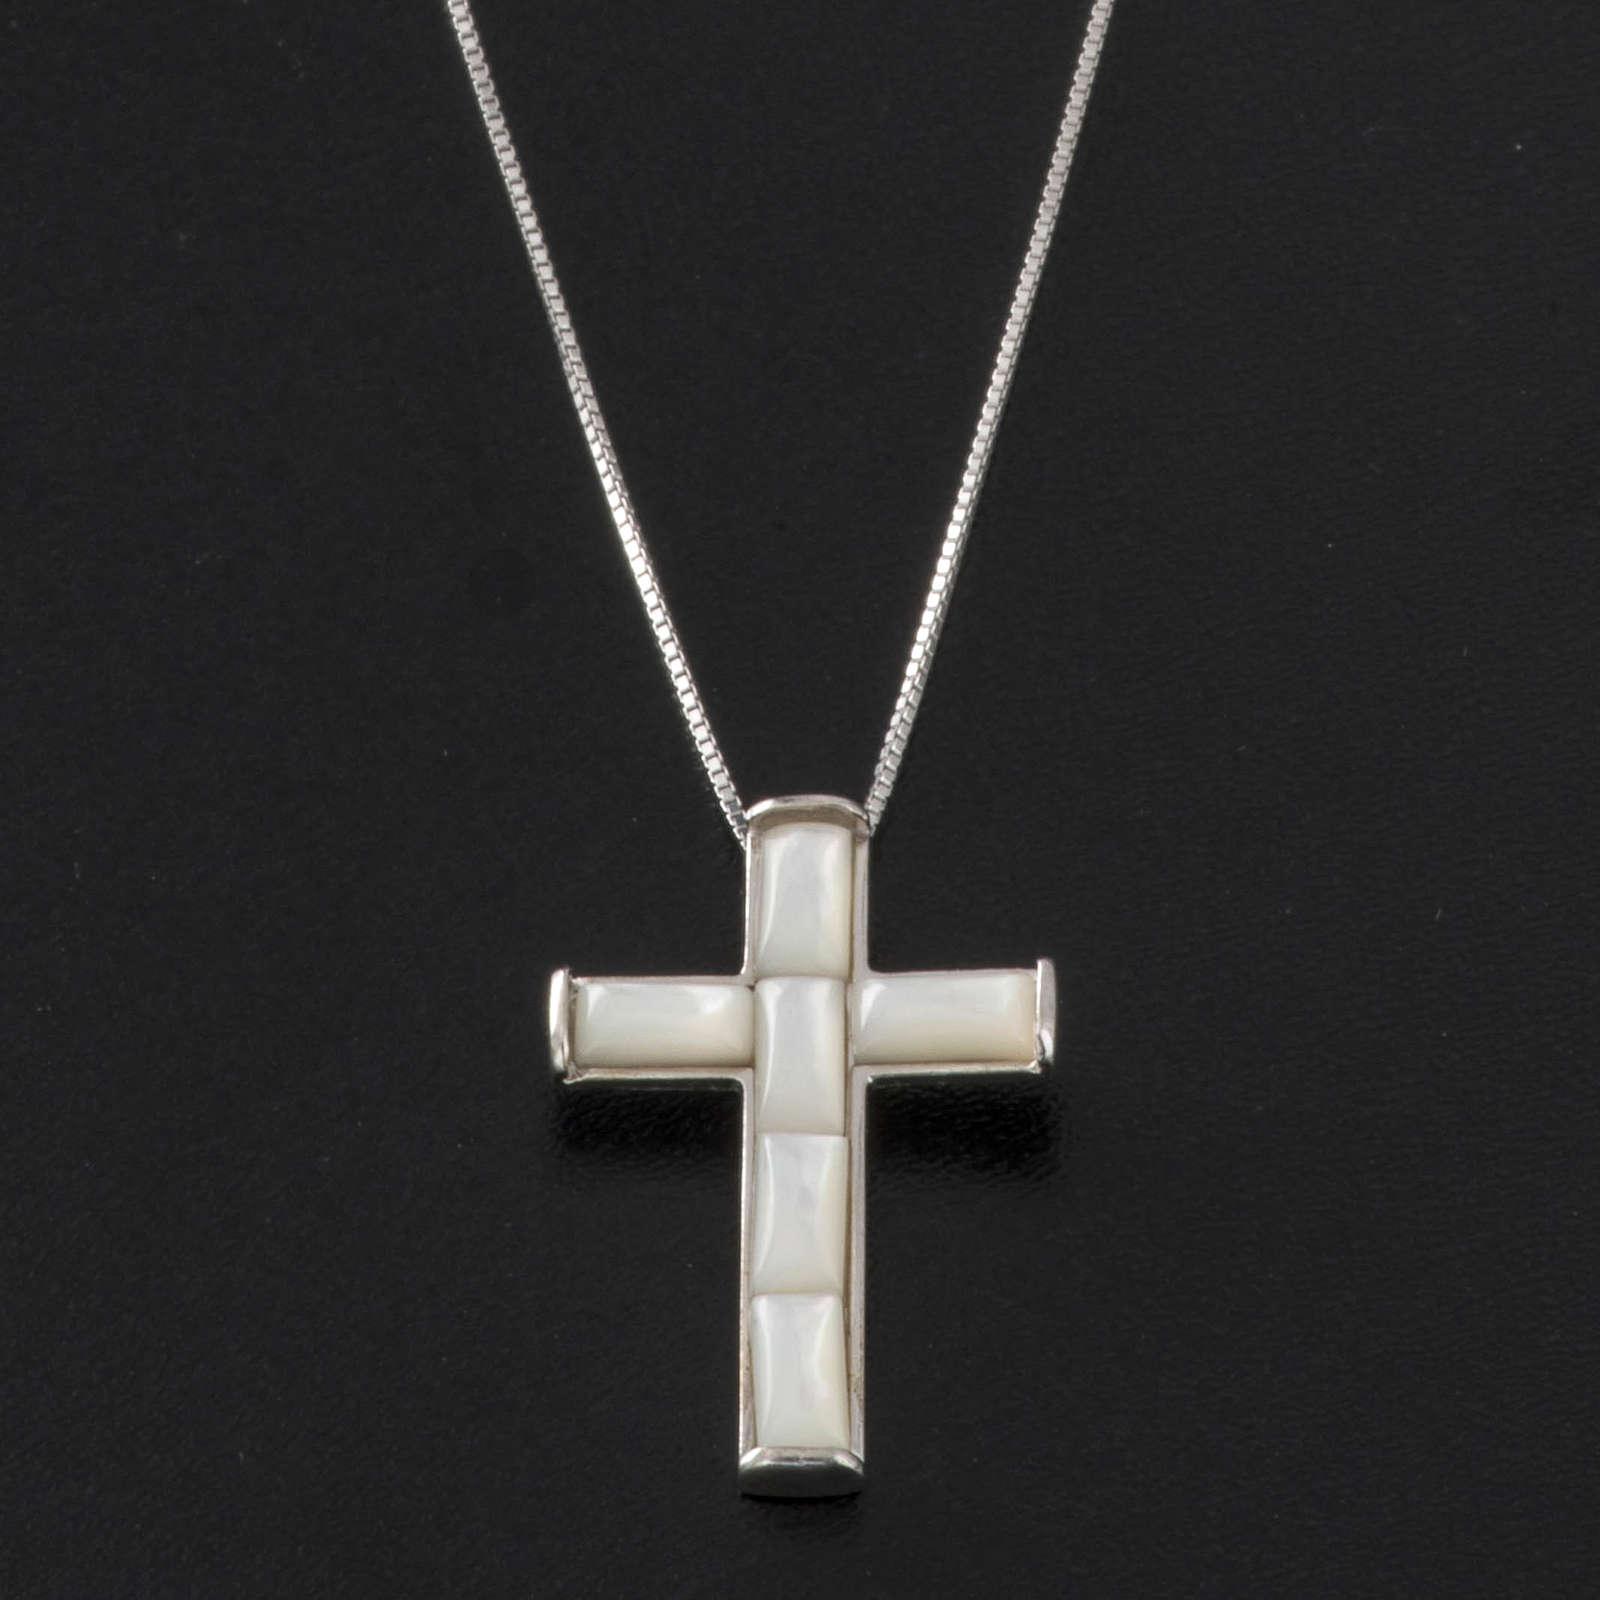 Cruz y cadena  de plata 925 4